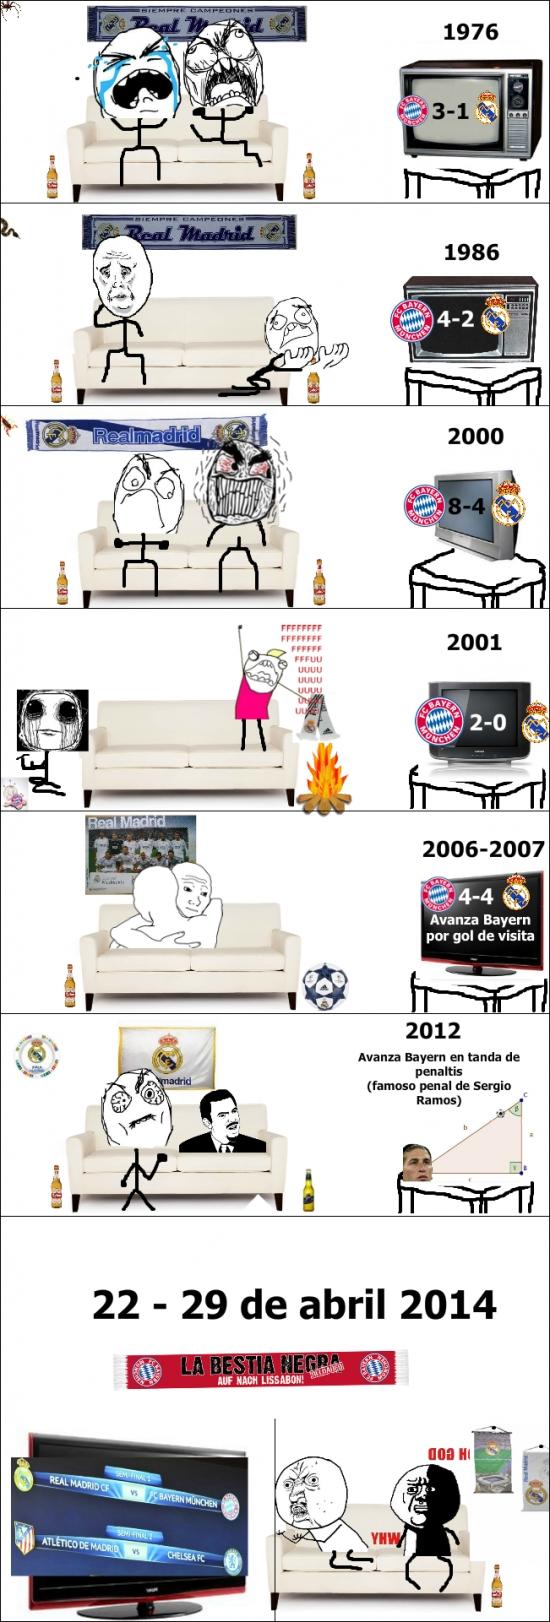 Y_u_no - Maldiciones que te acompañan hasta la tumba, sobre todo en el fútbol